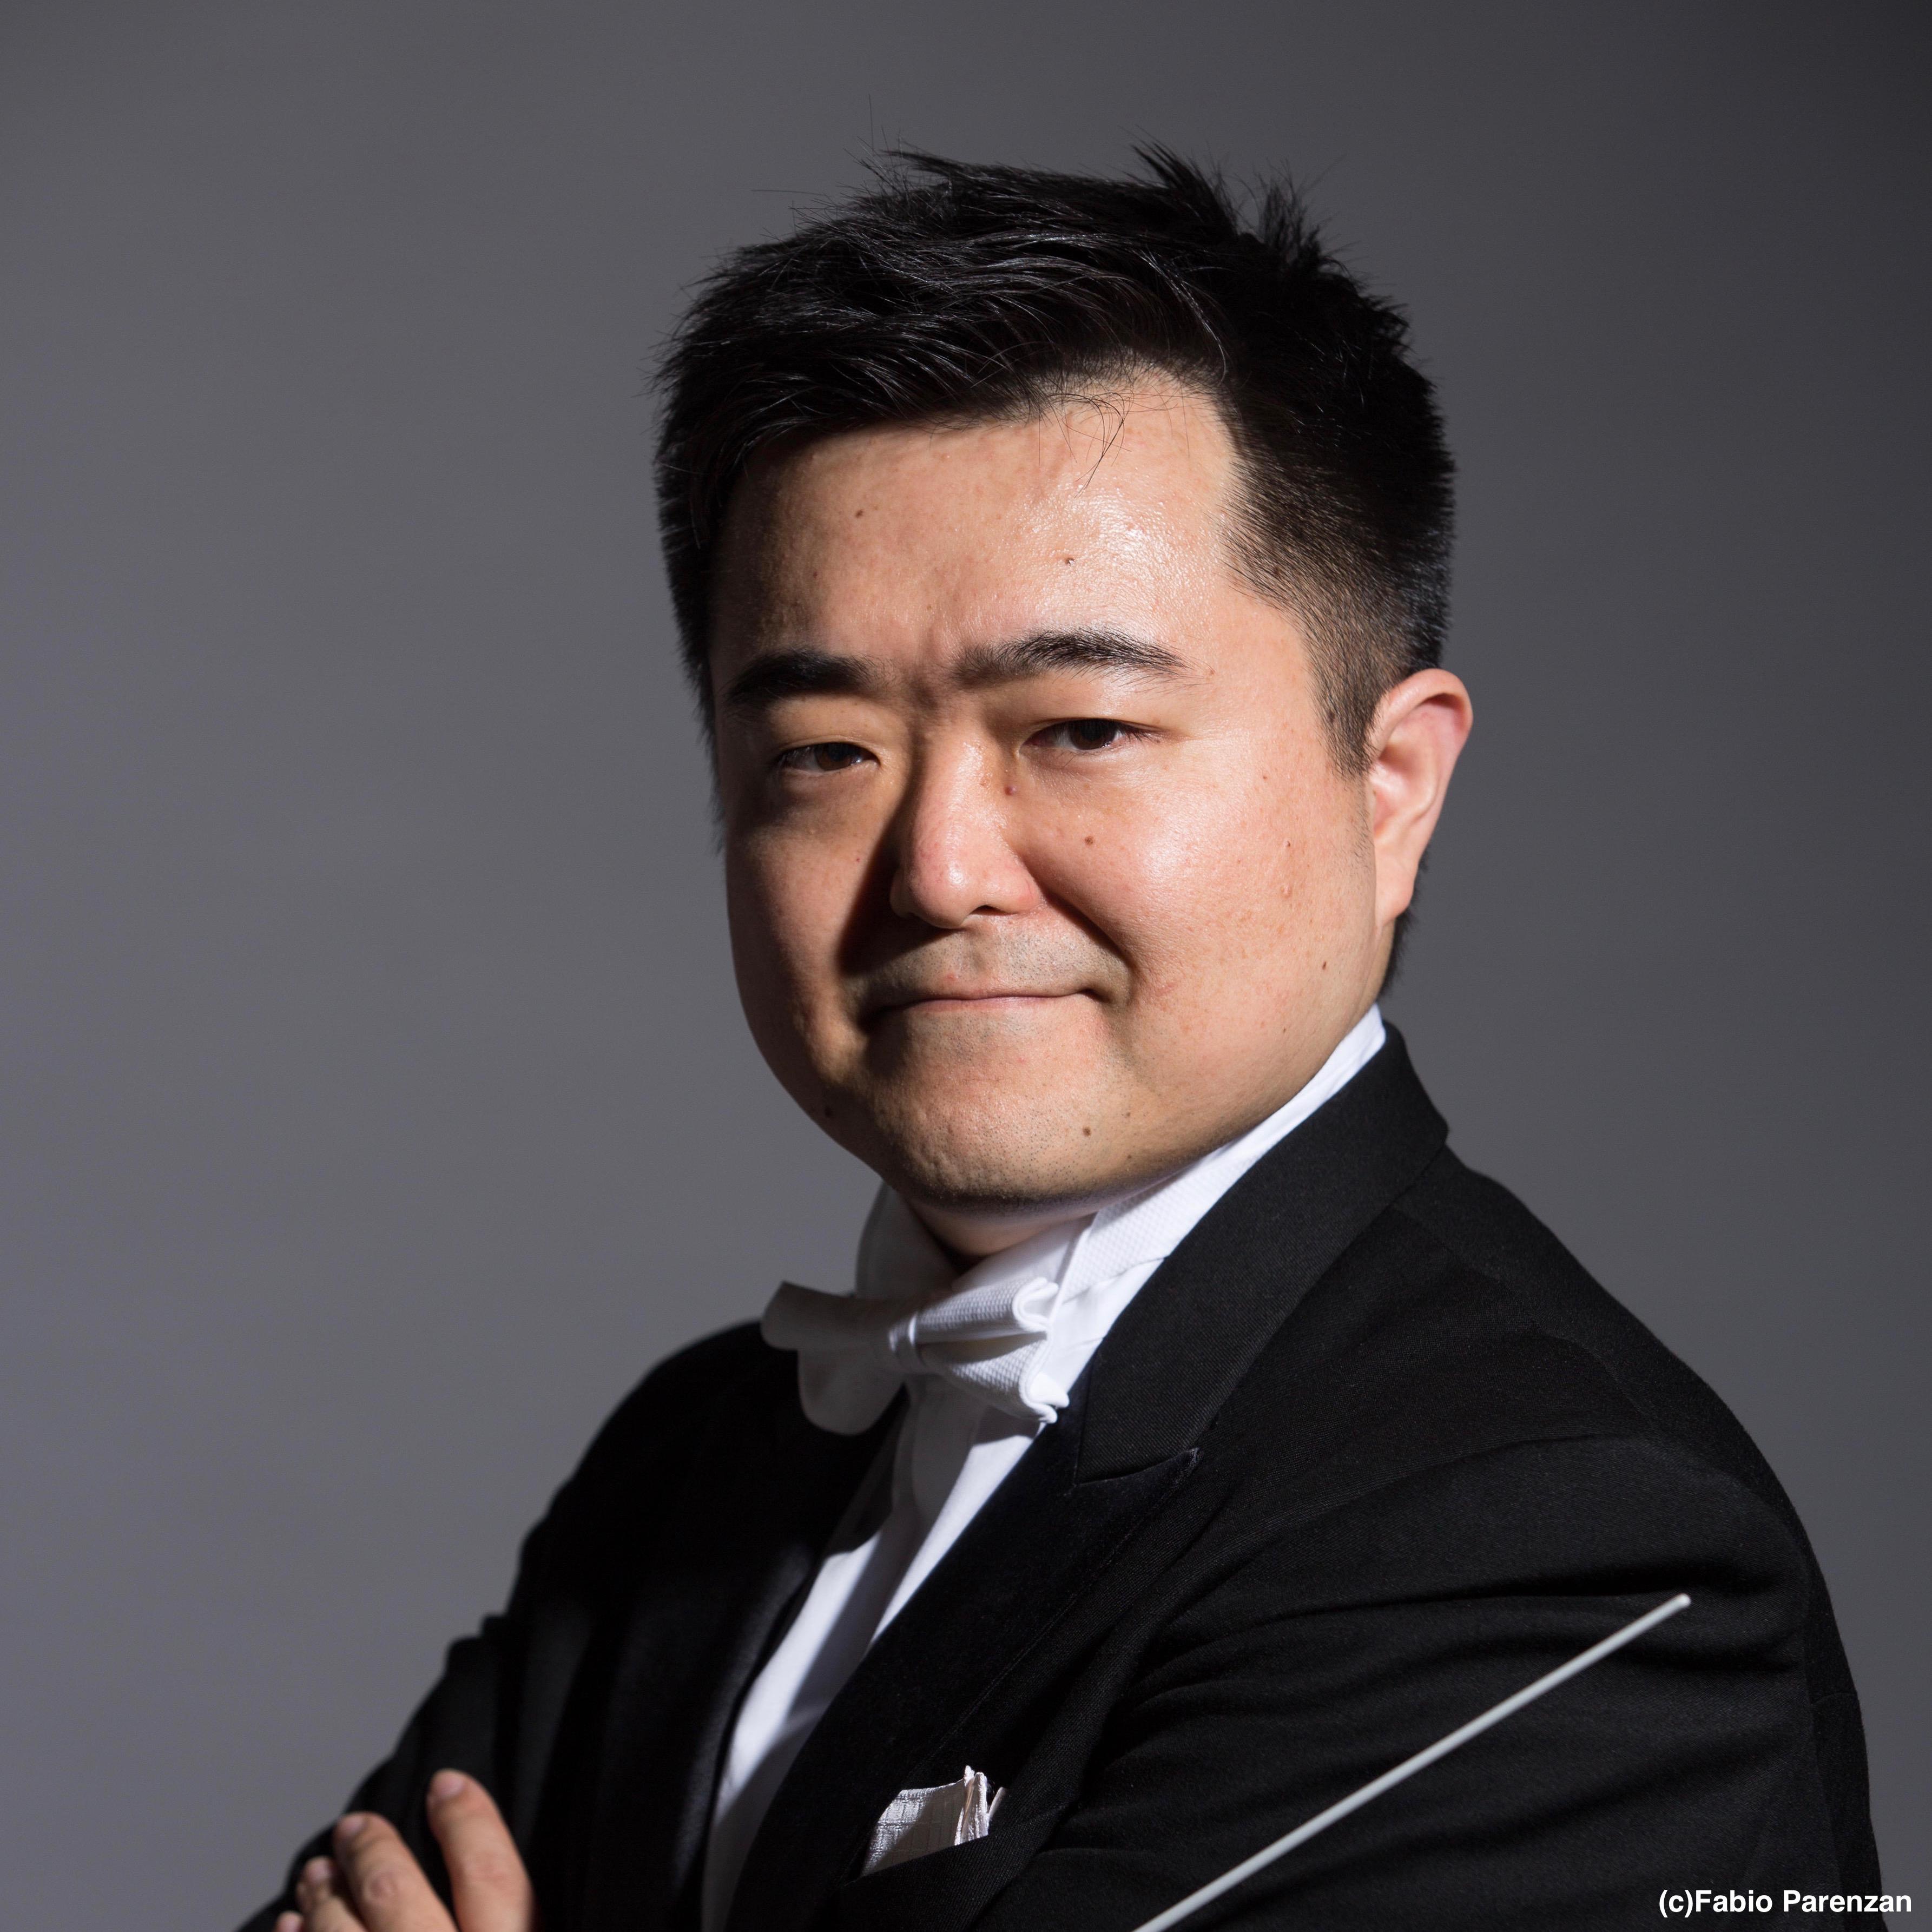 Ryuichiro SONODA - (c)Fabio Parenzan 1